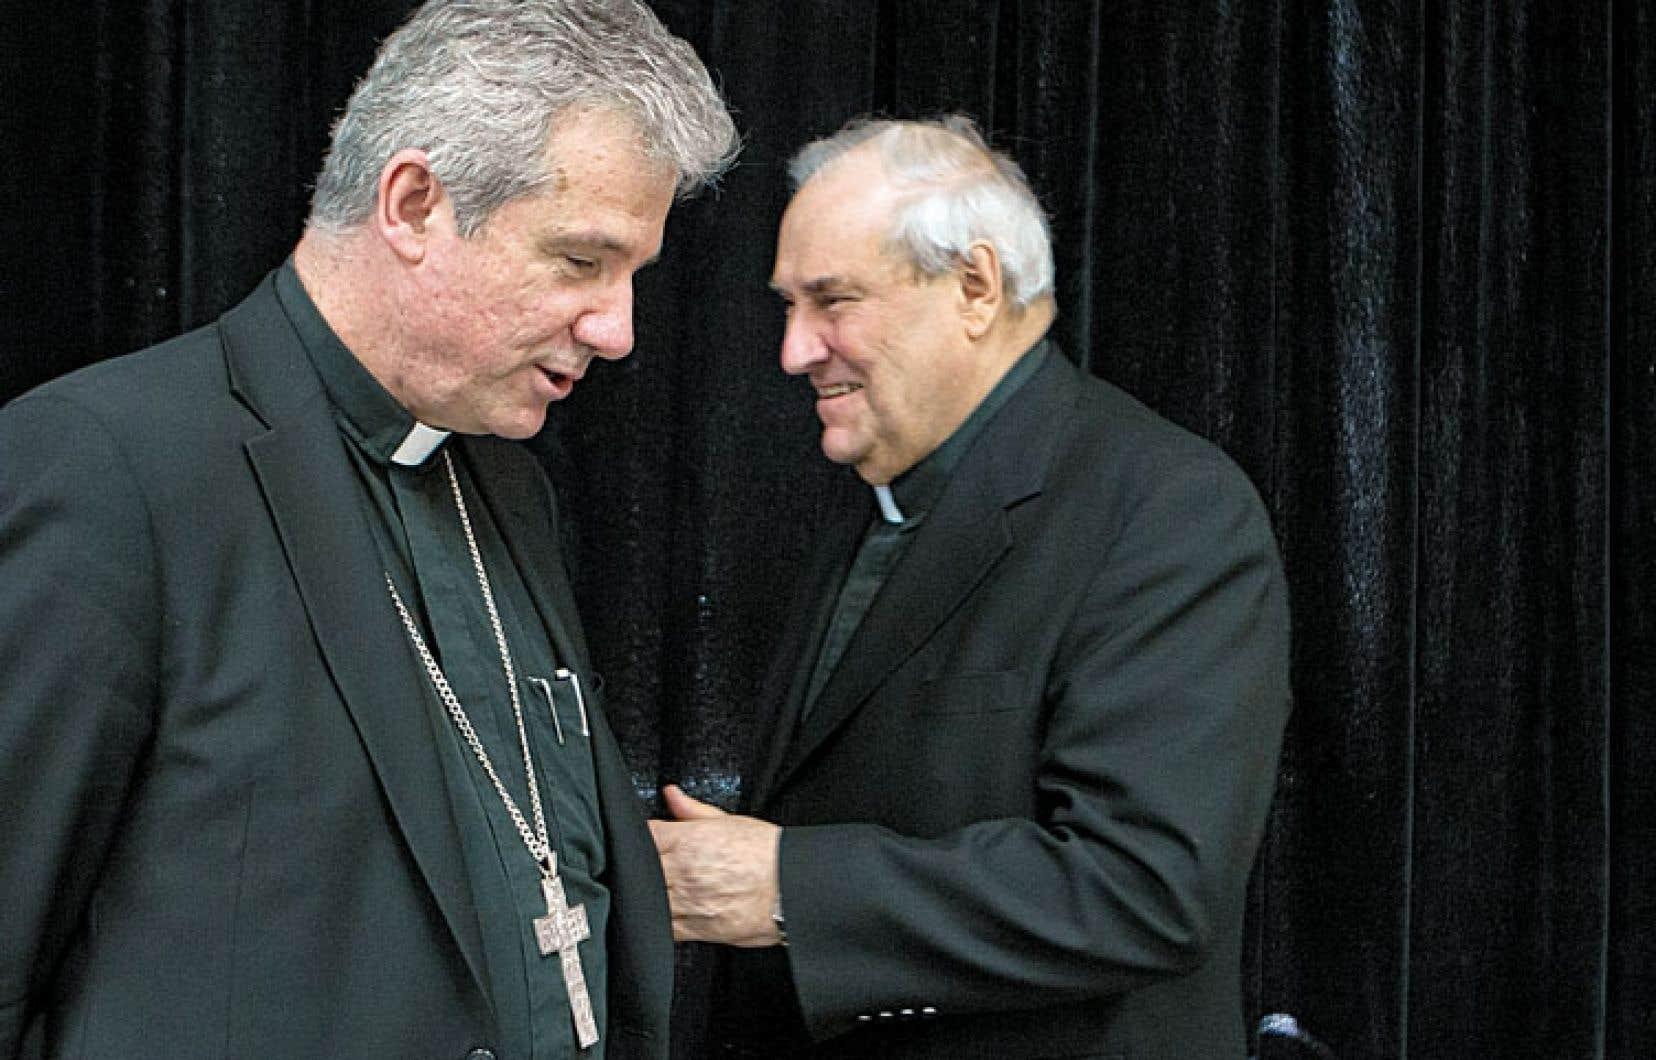 Monseigneur Christian Lépine, en compagnie de son prédécesseur, le cardinal Jean-Claude Turcotte